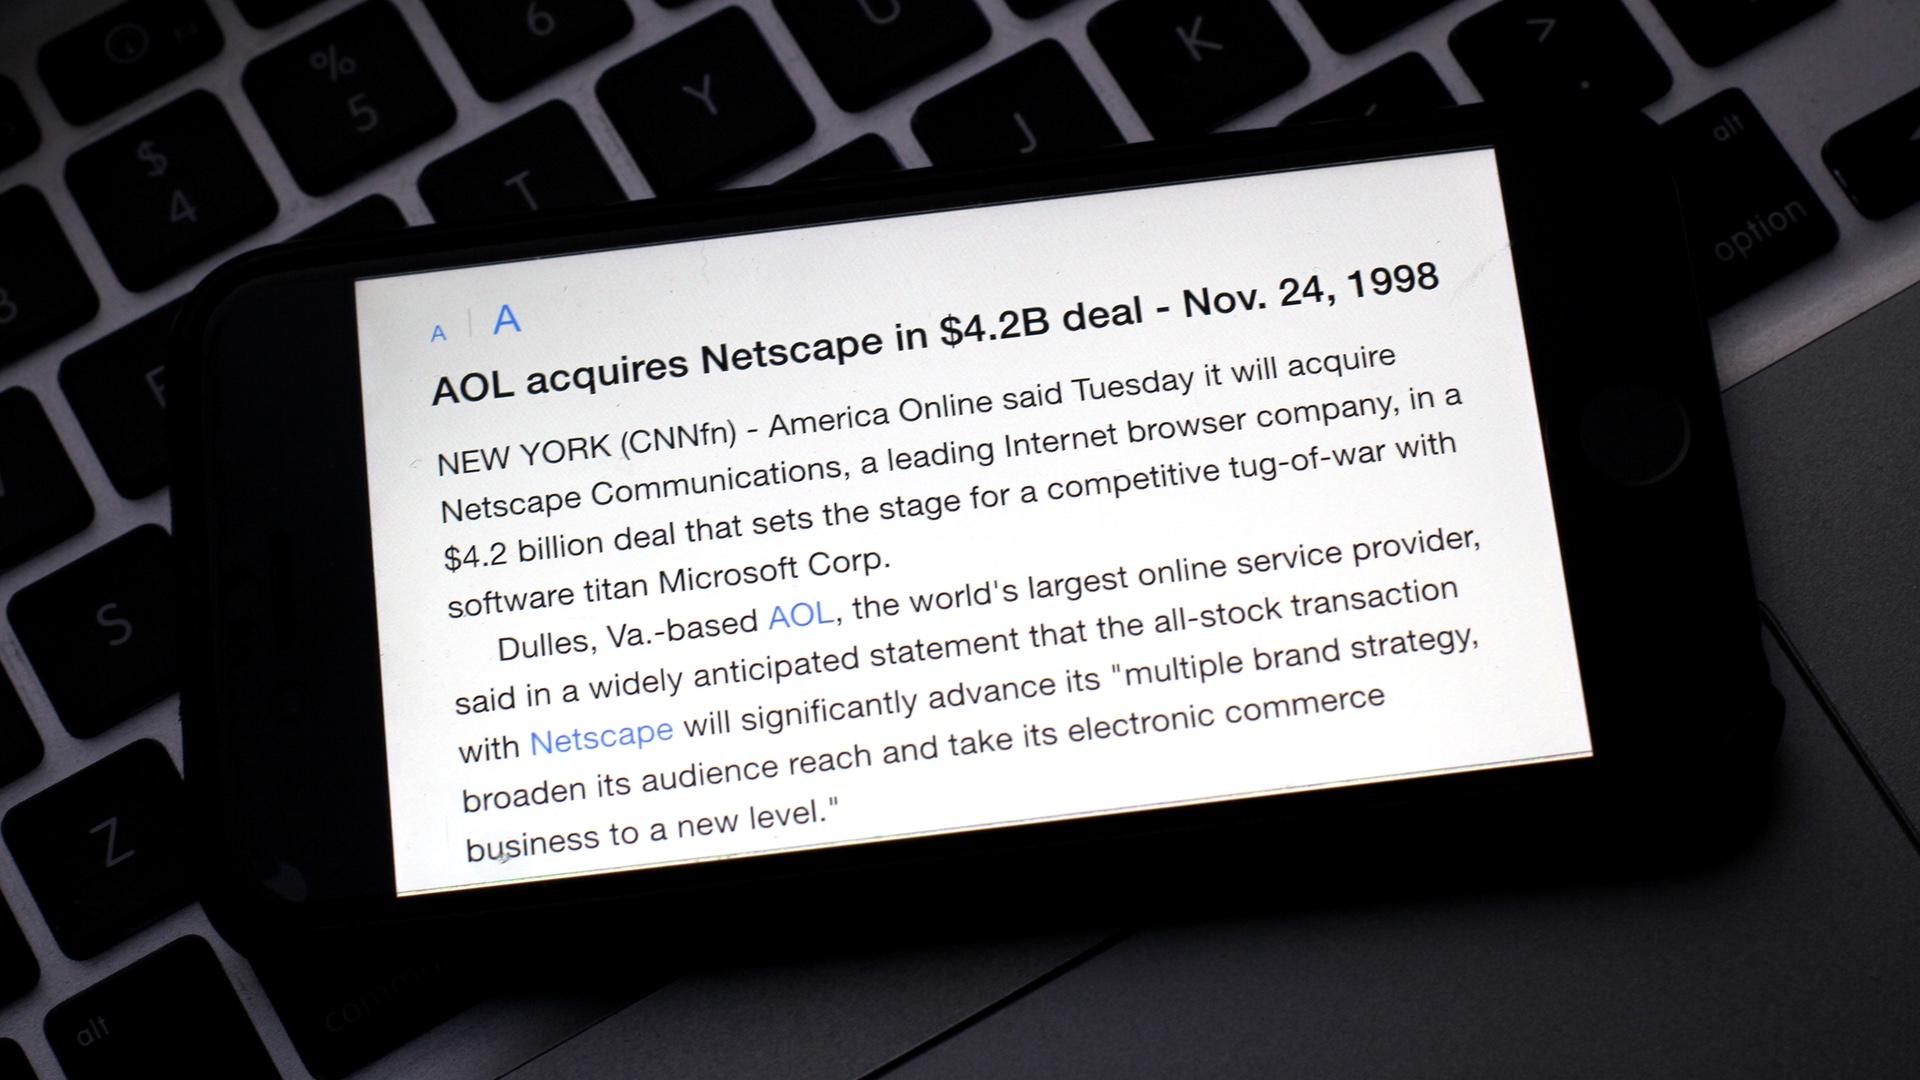 AOL Acquires Netscape 4.2 Billions 19981124